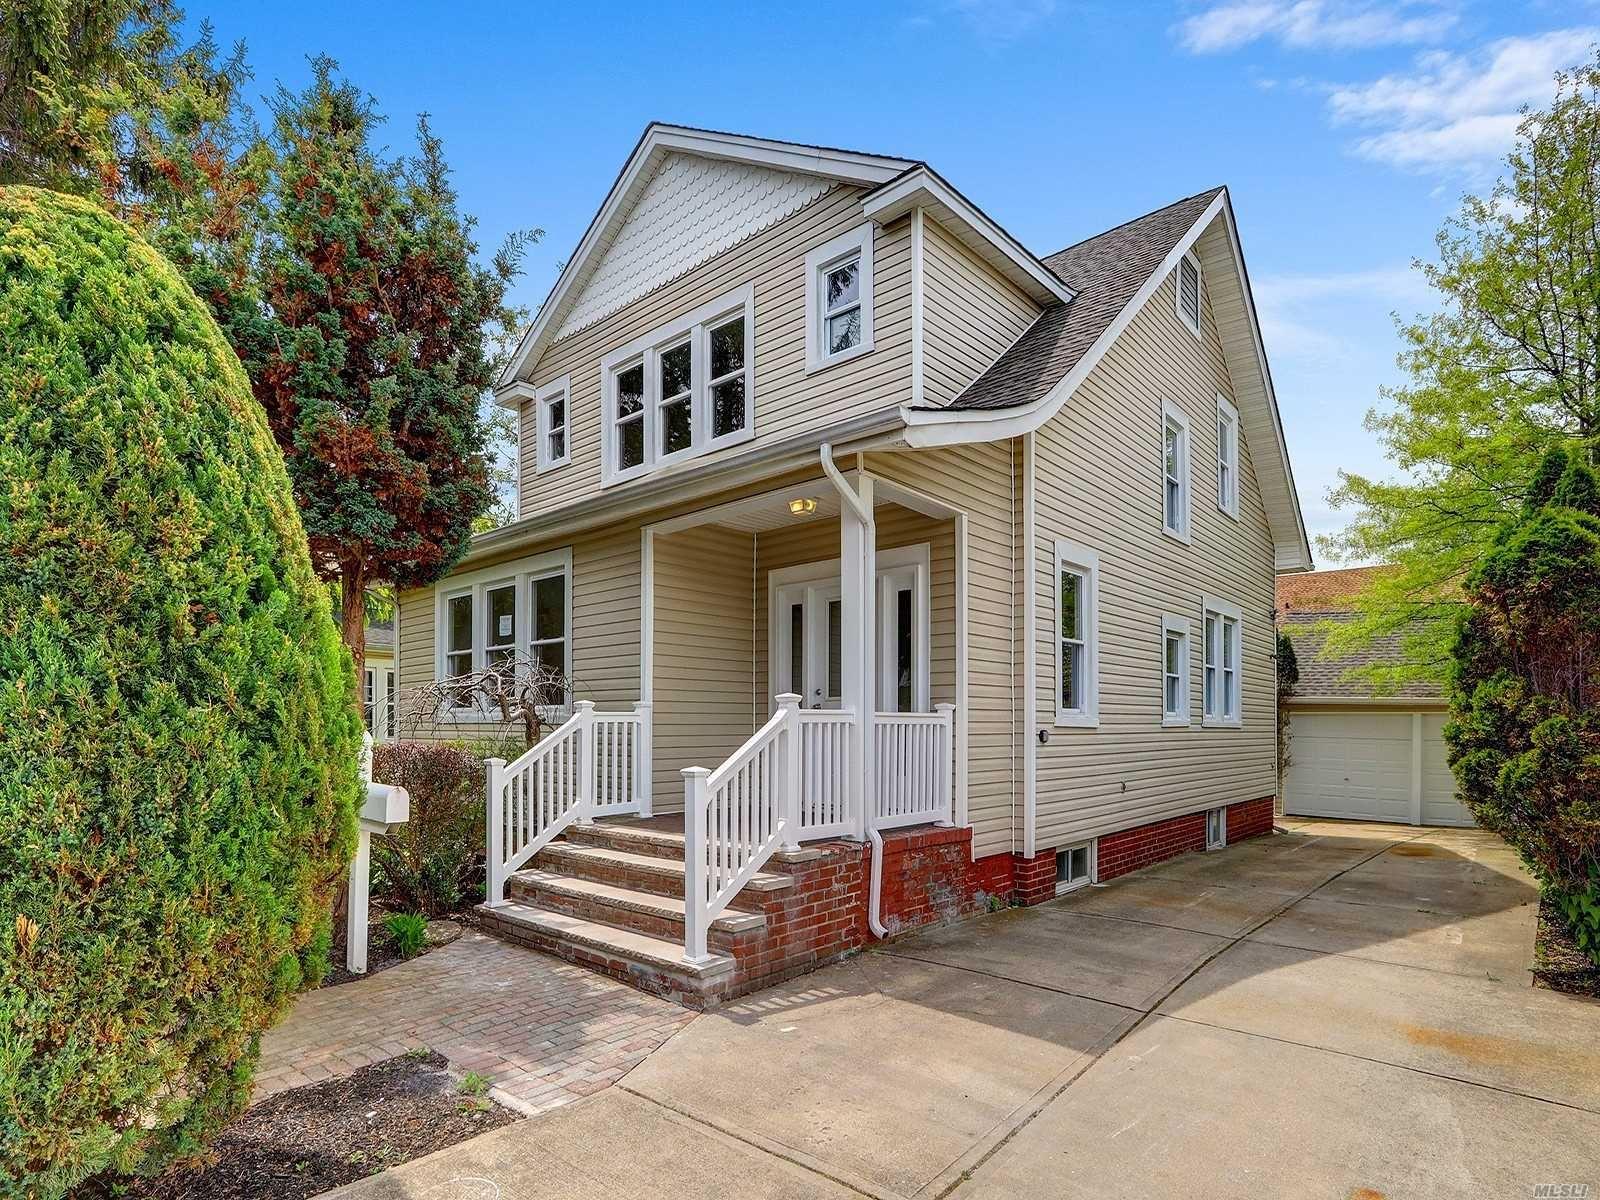 26 Hilbert St, Hempstead, NY 11550 - MLS#: 3215728